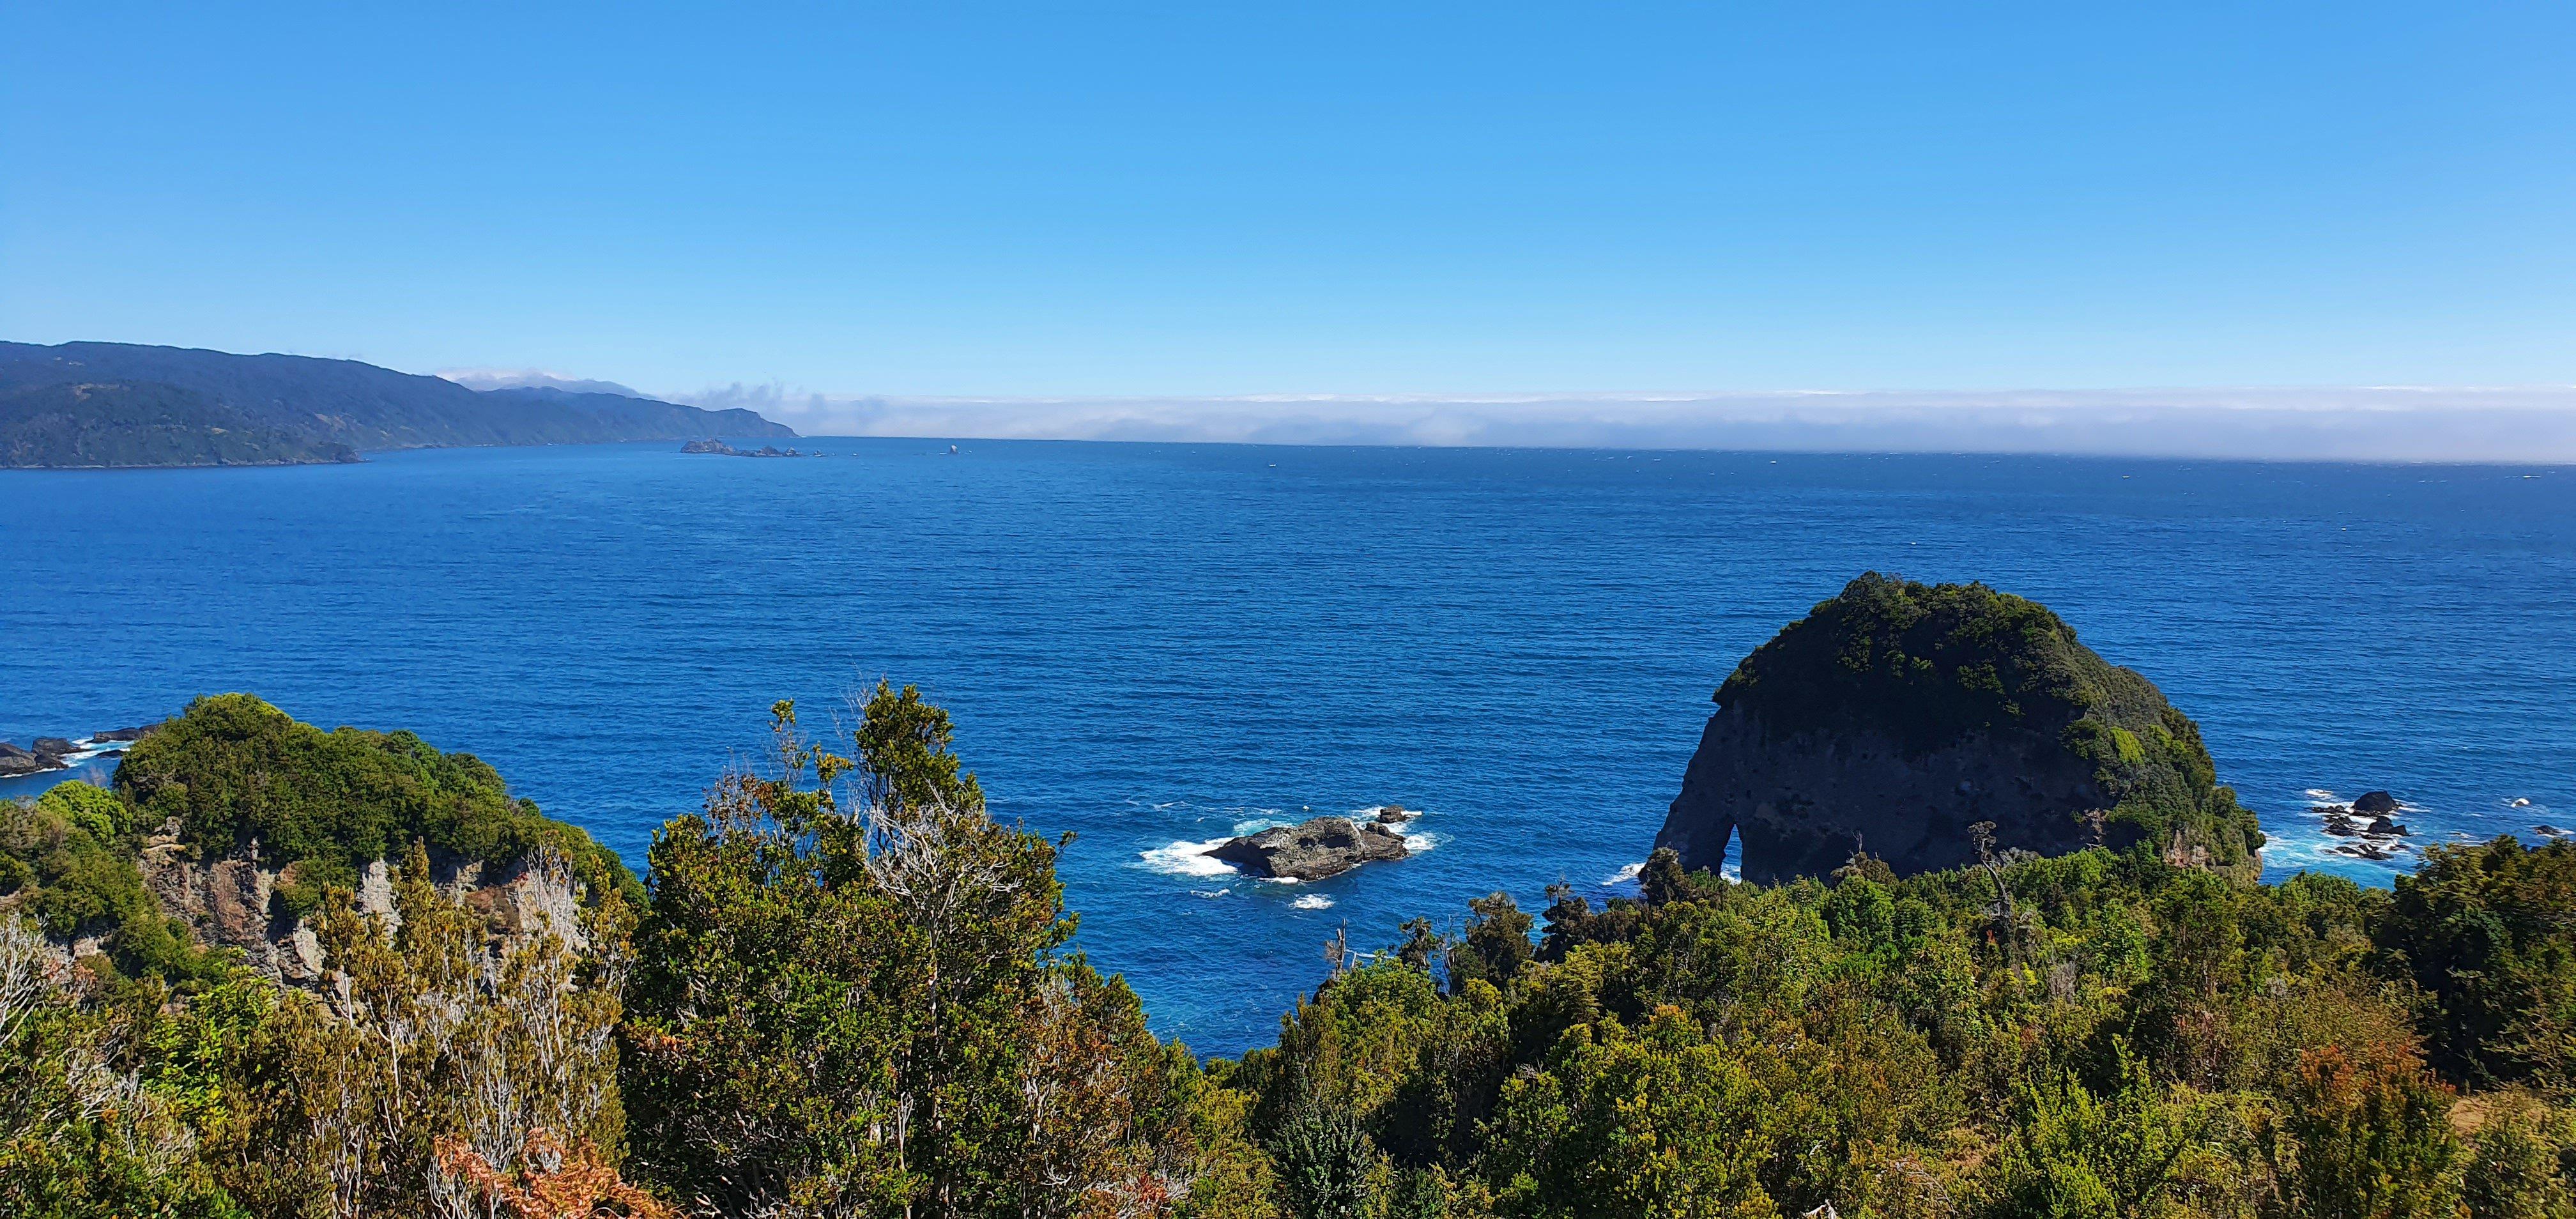 Formaciones rocosas de Manquemapu, playas del sur de Chile en la Región de Los Lagos